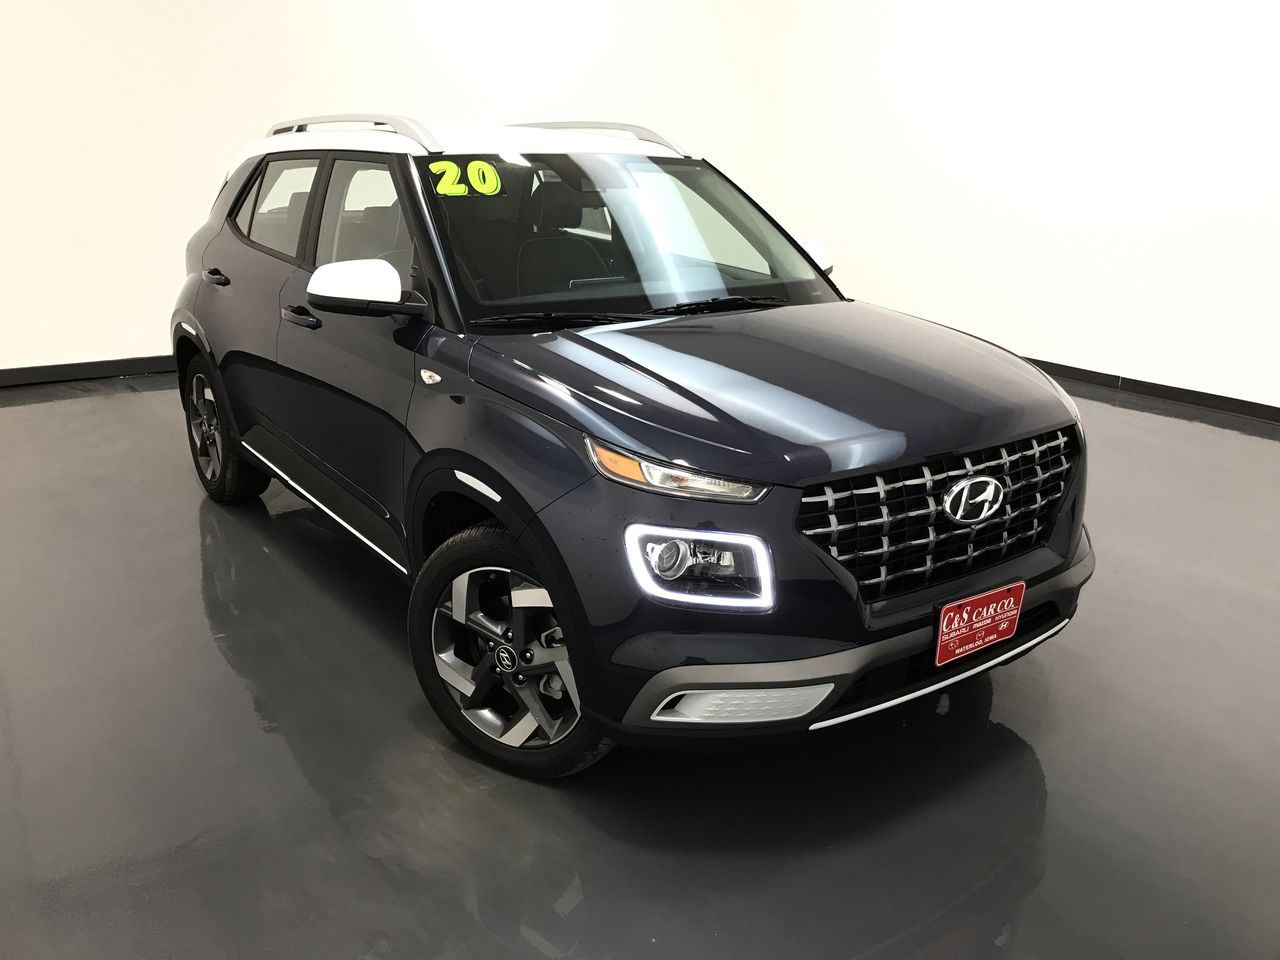 2020 Hyundai VENUE Denim Edition  - HY8293  - C & S Car Company